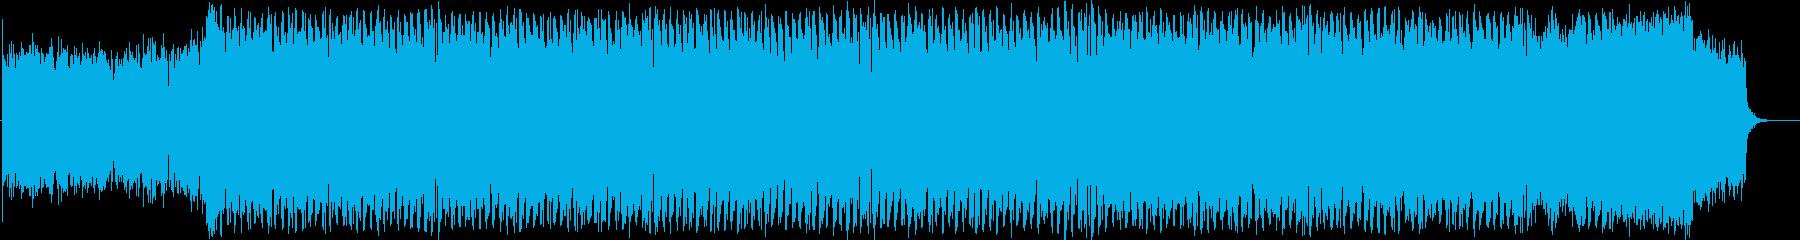 ロシア風パワフルトランス!の再生済みの波形